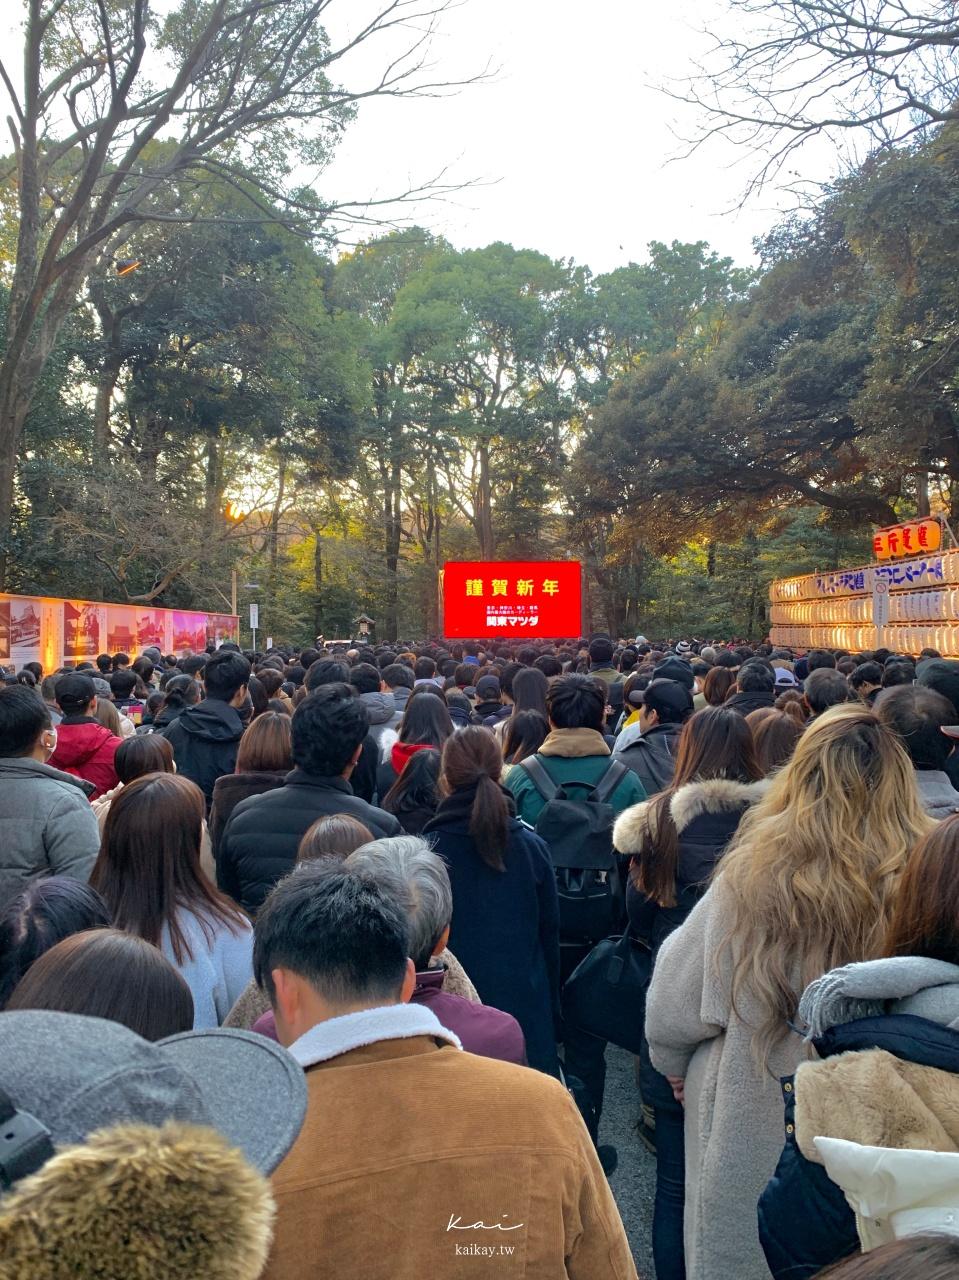 ☆【2020。東京】日本的元旦:初詣、抽福袋、折扣季買買買!明治神宮+原宿逛街地圖